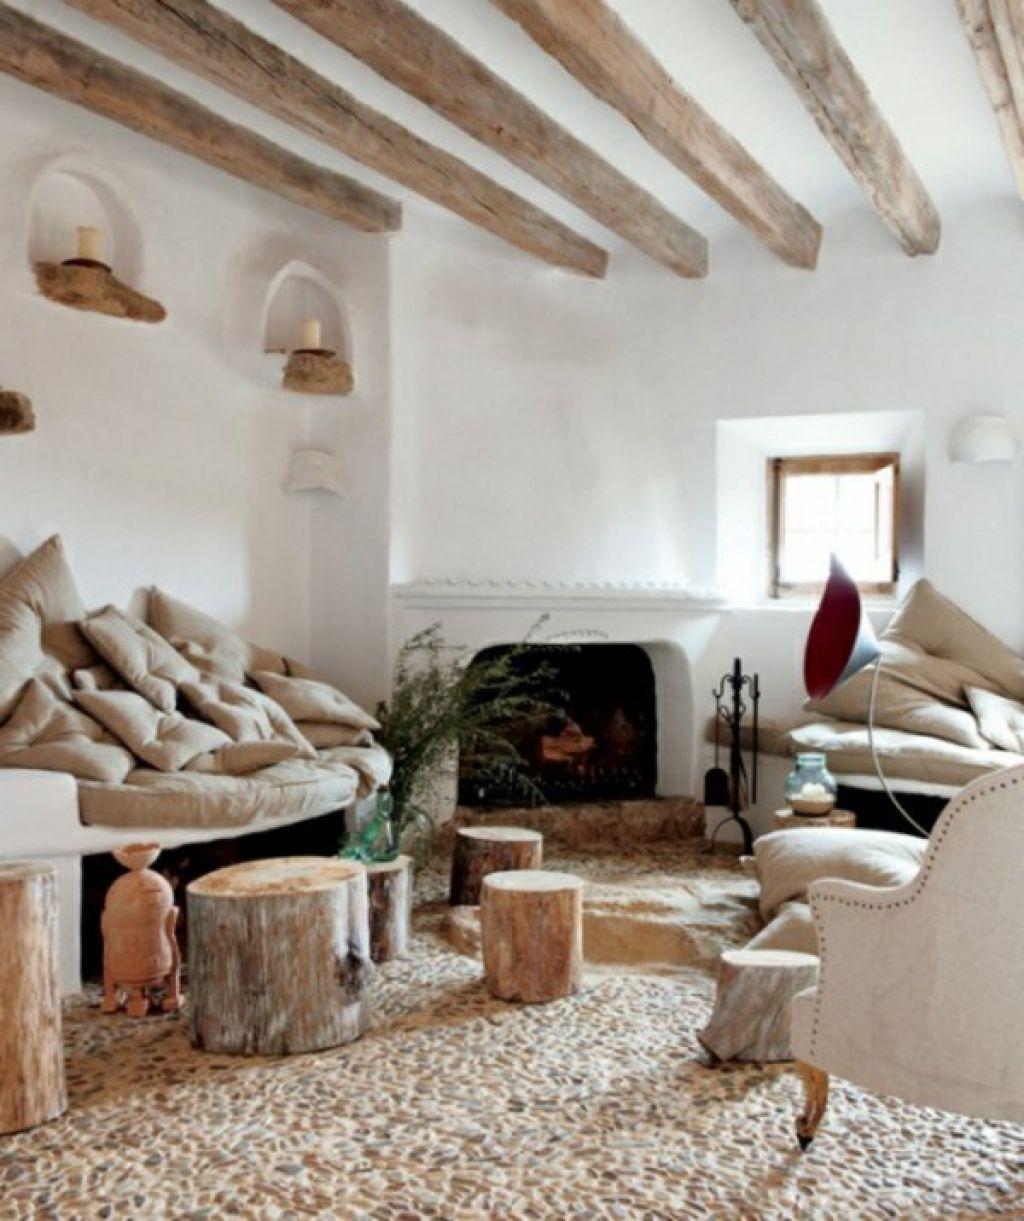 Inspirational dekoideen wohnzimmer selber machen kreative deko ideen aus baumstumpf selber machen dekoideen wohnzimmer selber machen